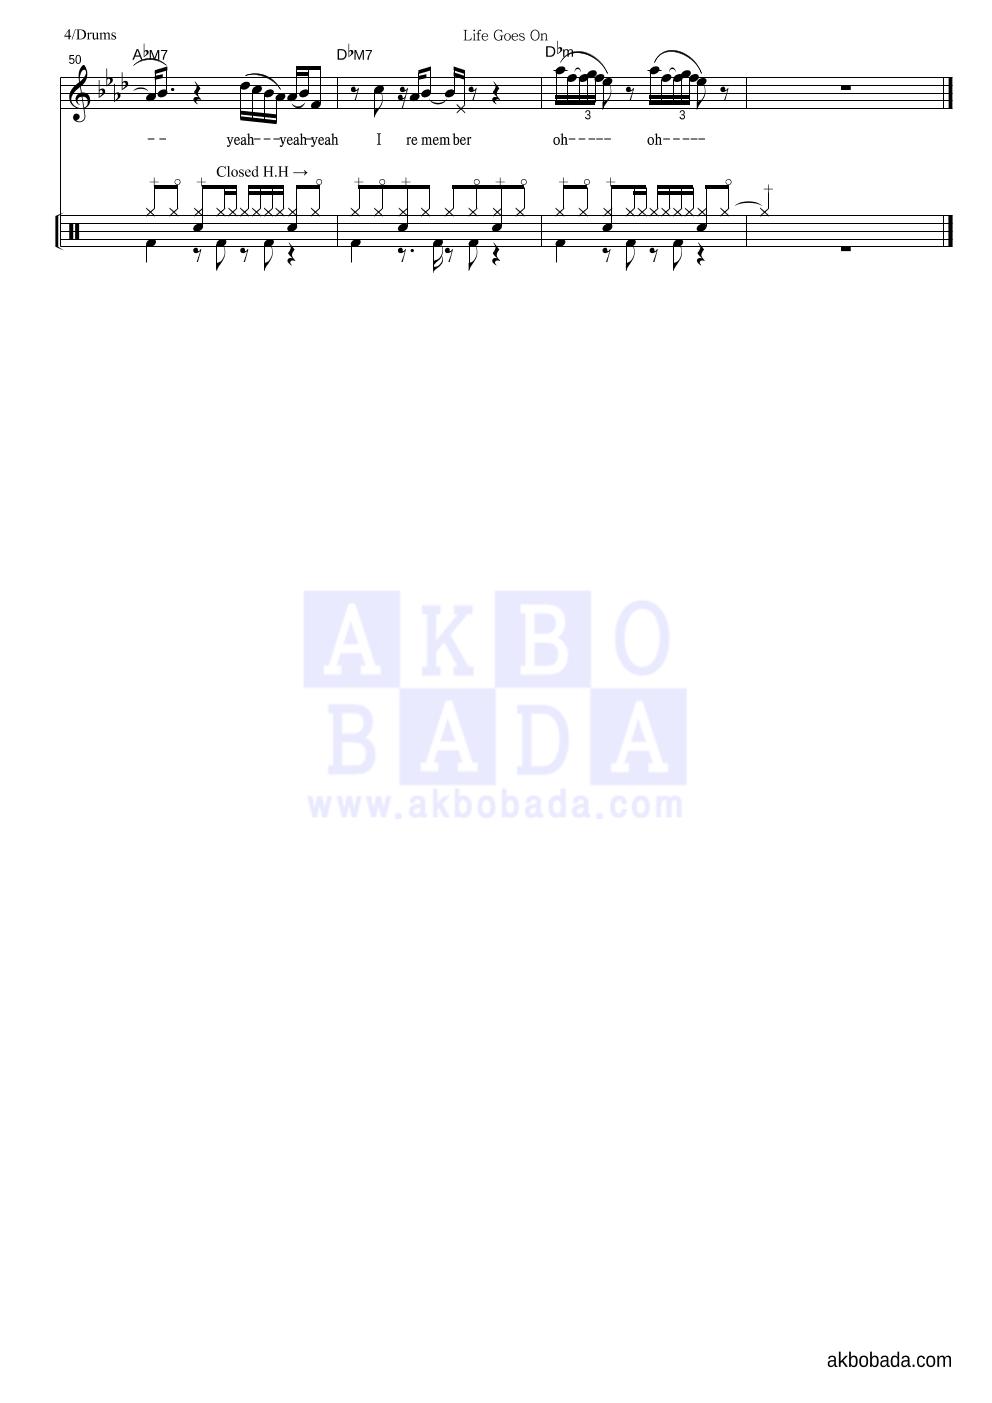 방탄소년단 - Life Goes On 드럼 악보